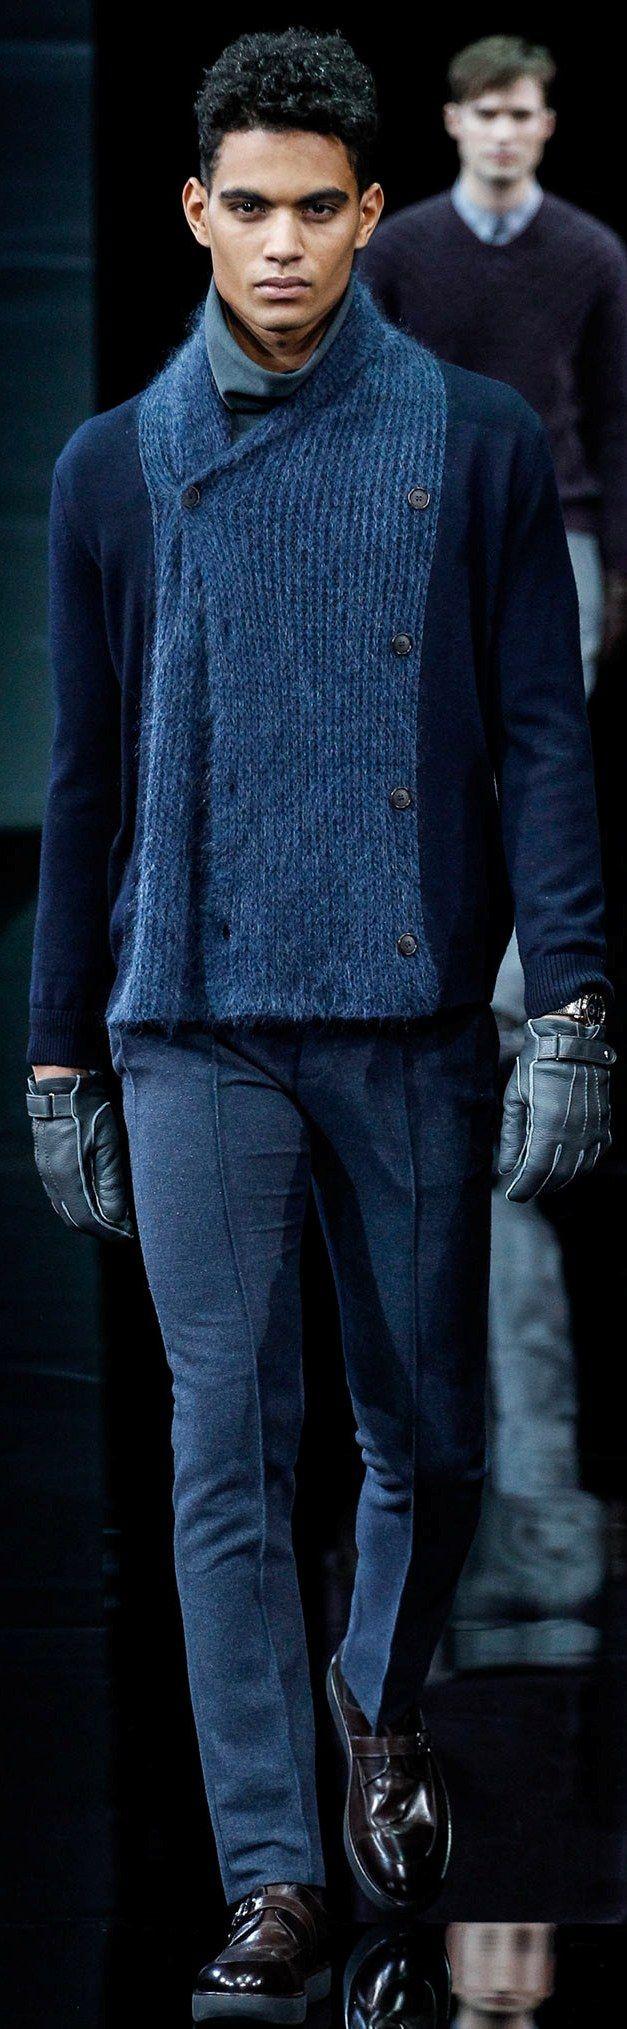 www.2locos.com Giorgio Armani Menswear Fall-Winter